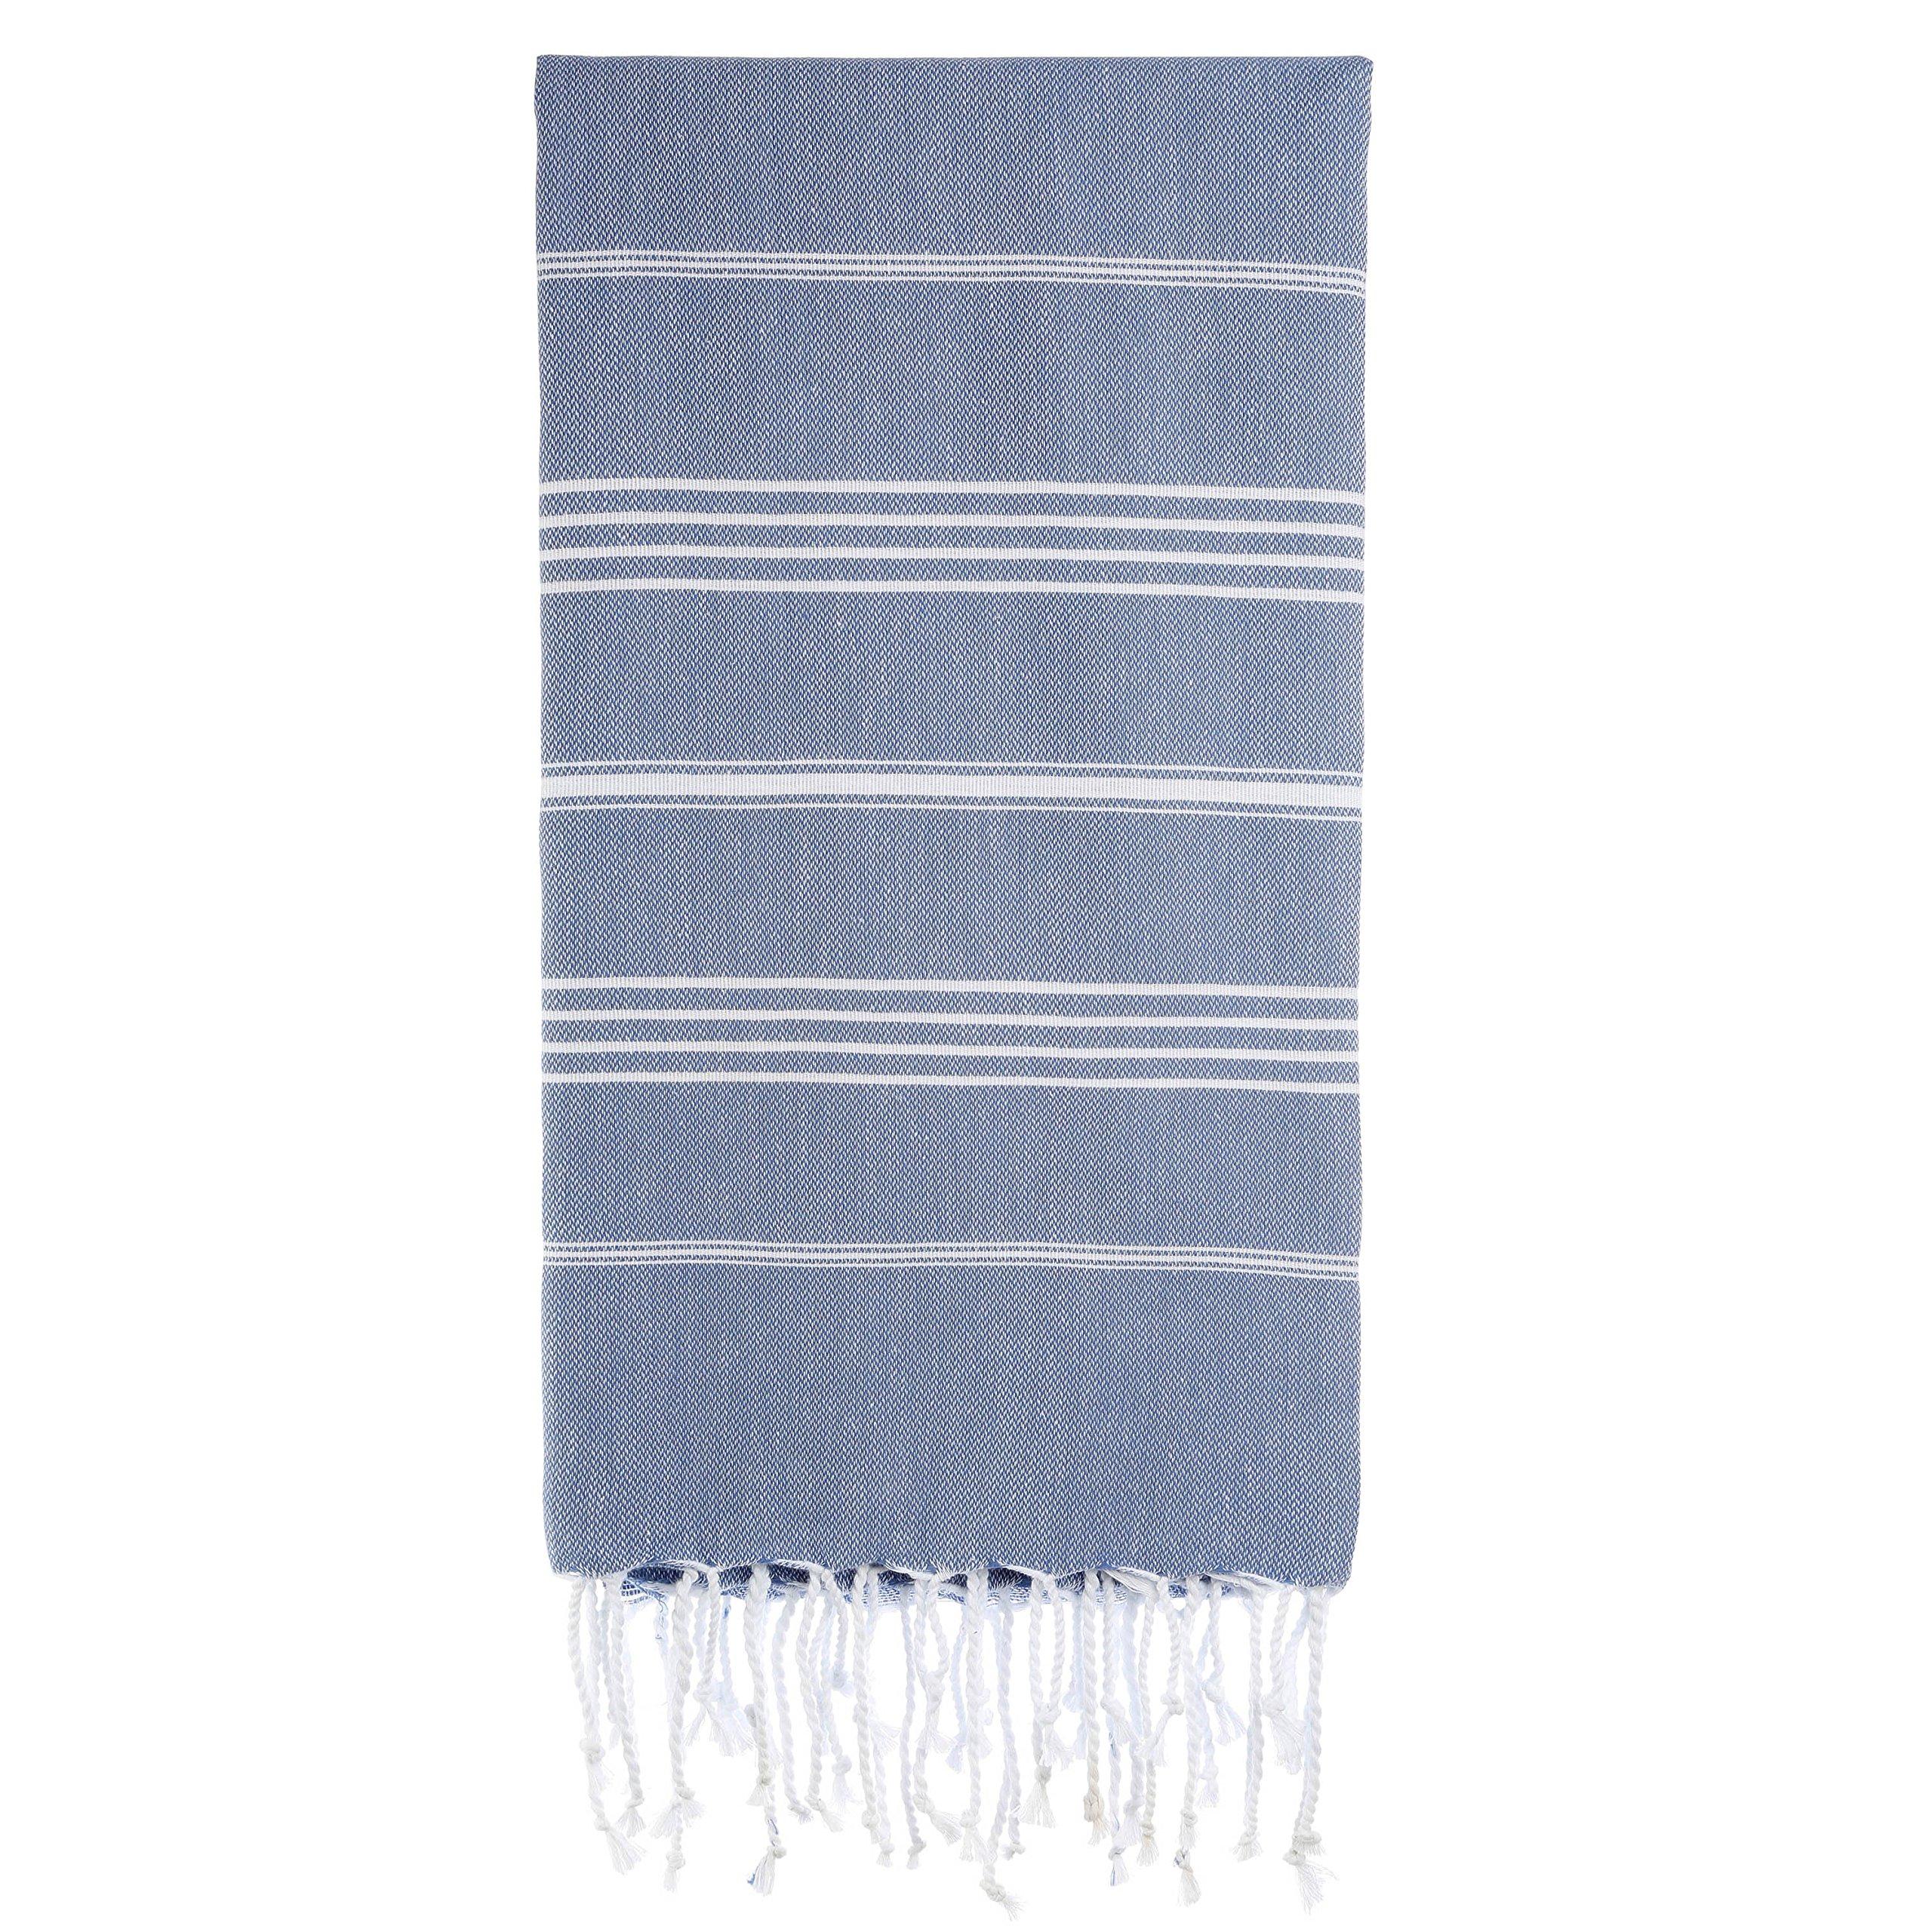 Cacala Toallas de baño Turco de Serie, algodón, Gris, Azul, 95 x 175 x 0.5 cm product image